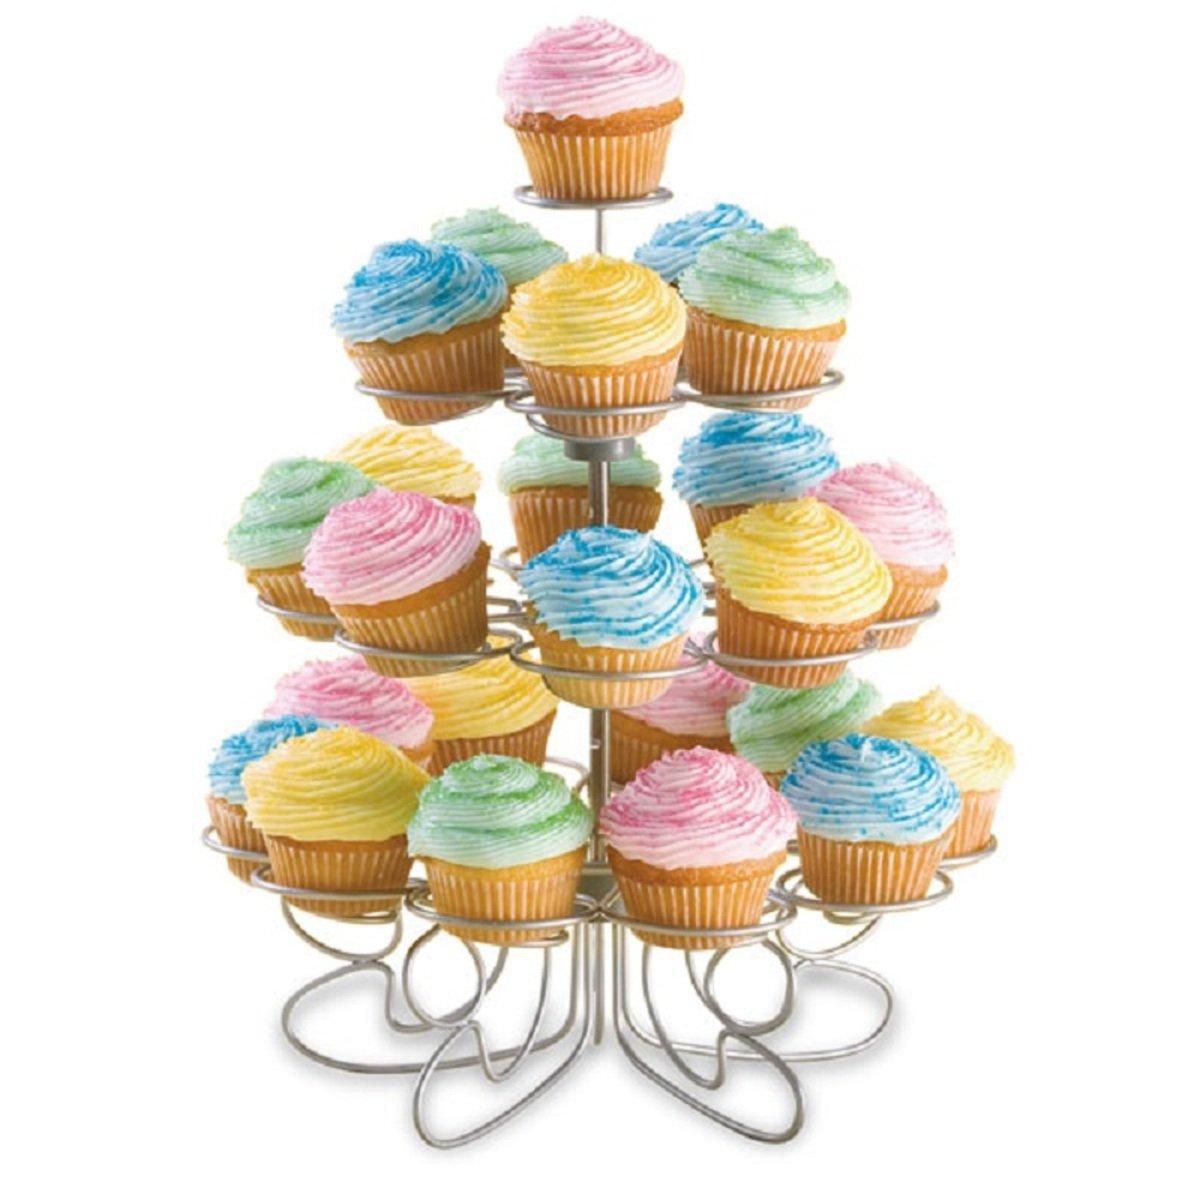 鬆餅/蛋糕甜品展示架